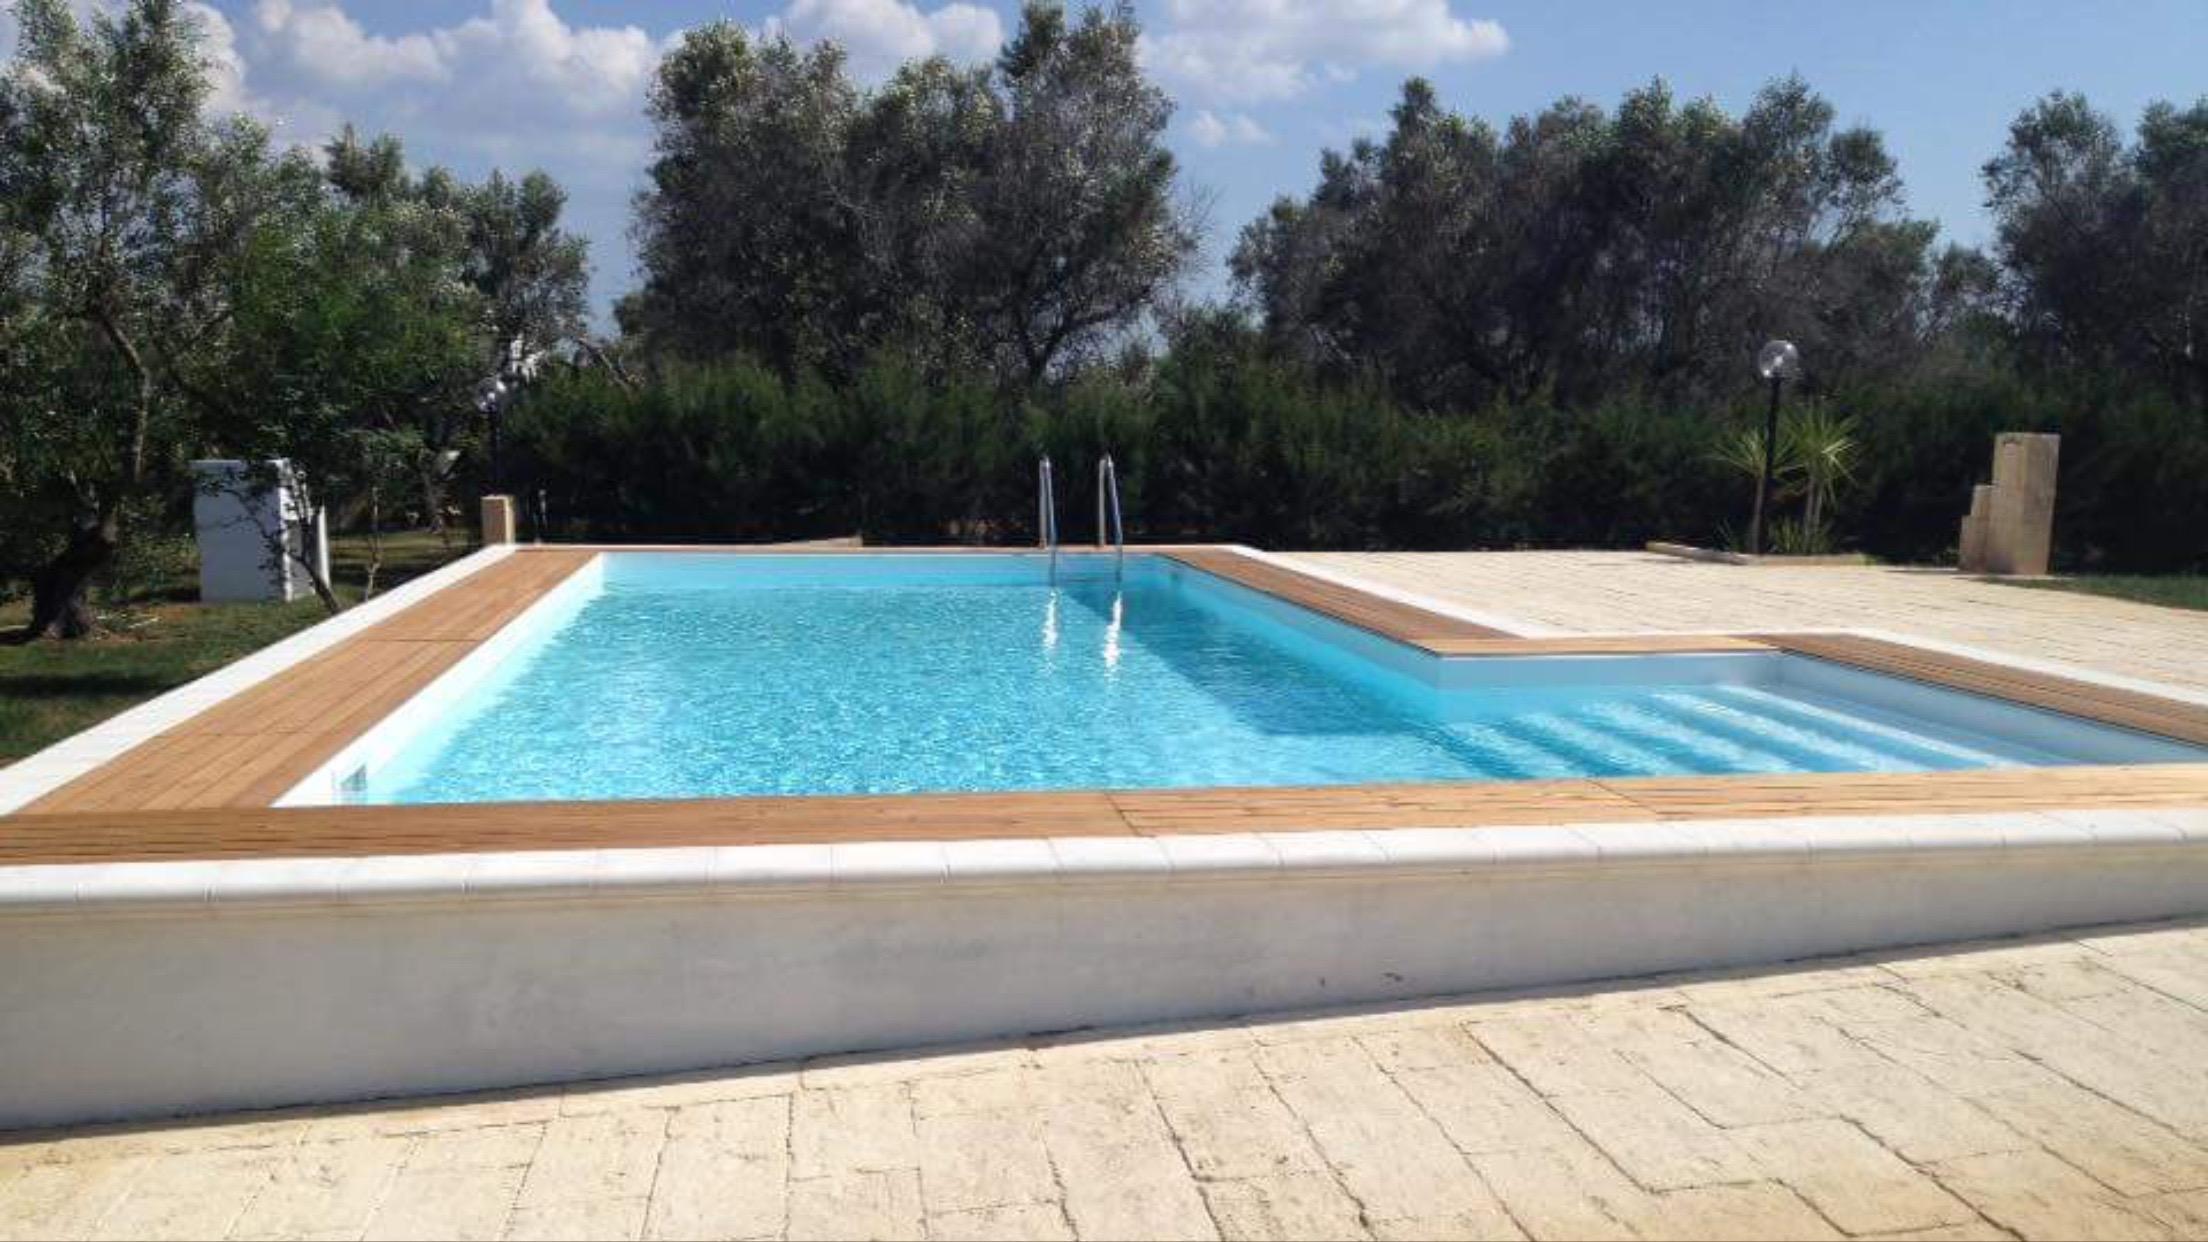 Le nostre realizzazioni di piscine a lecce e provincia - Piscine a lecce ...